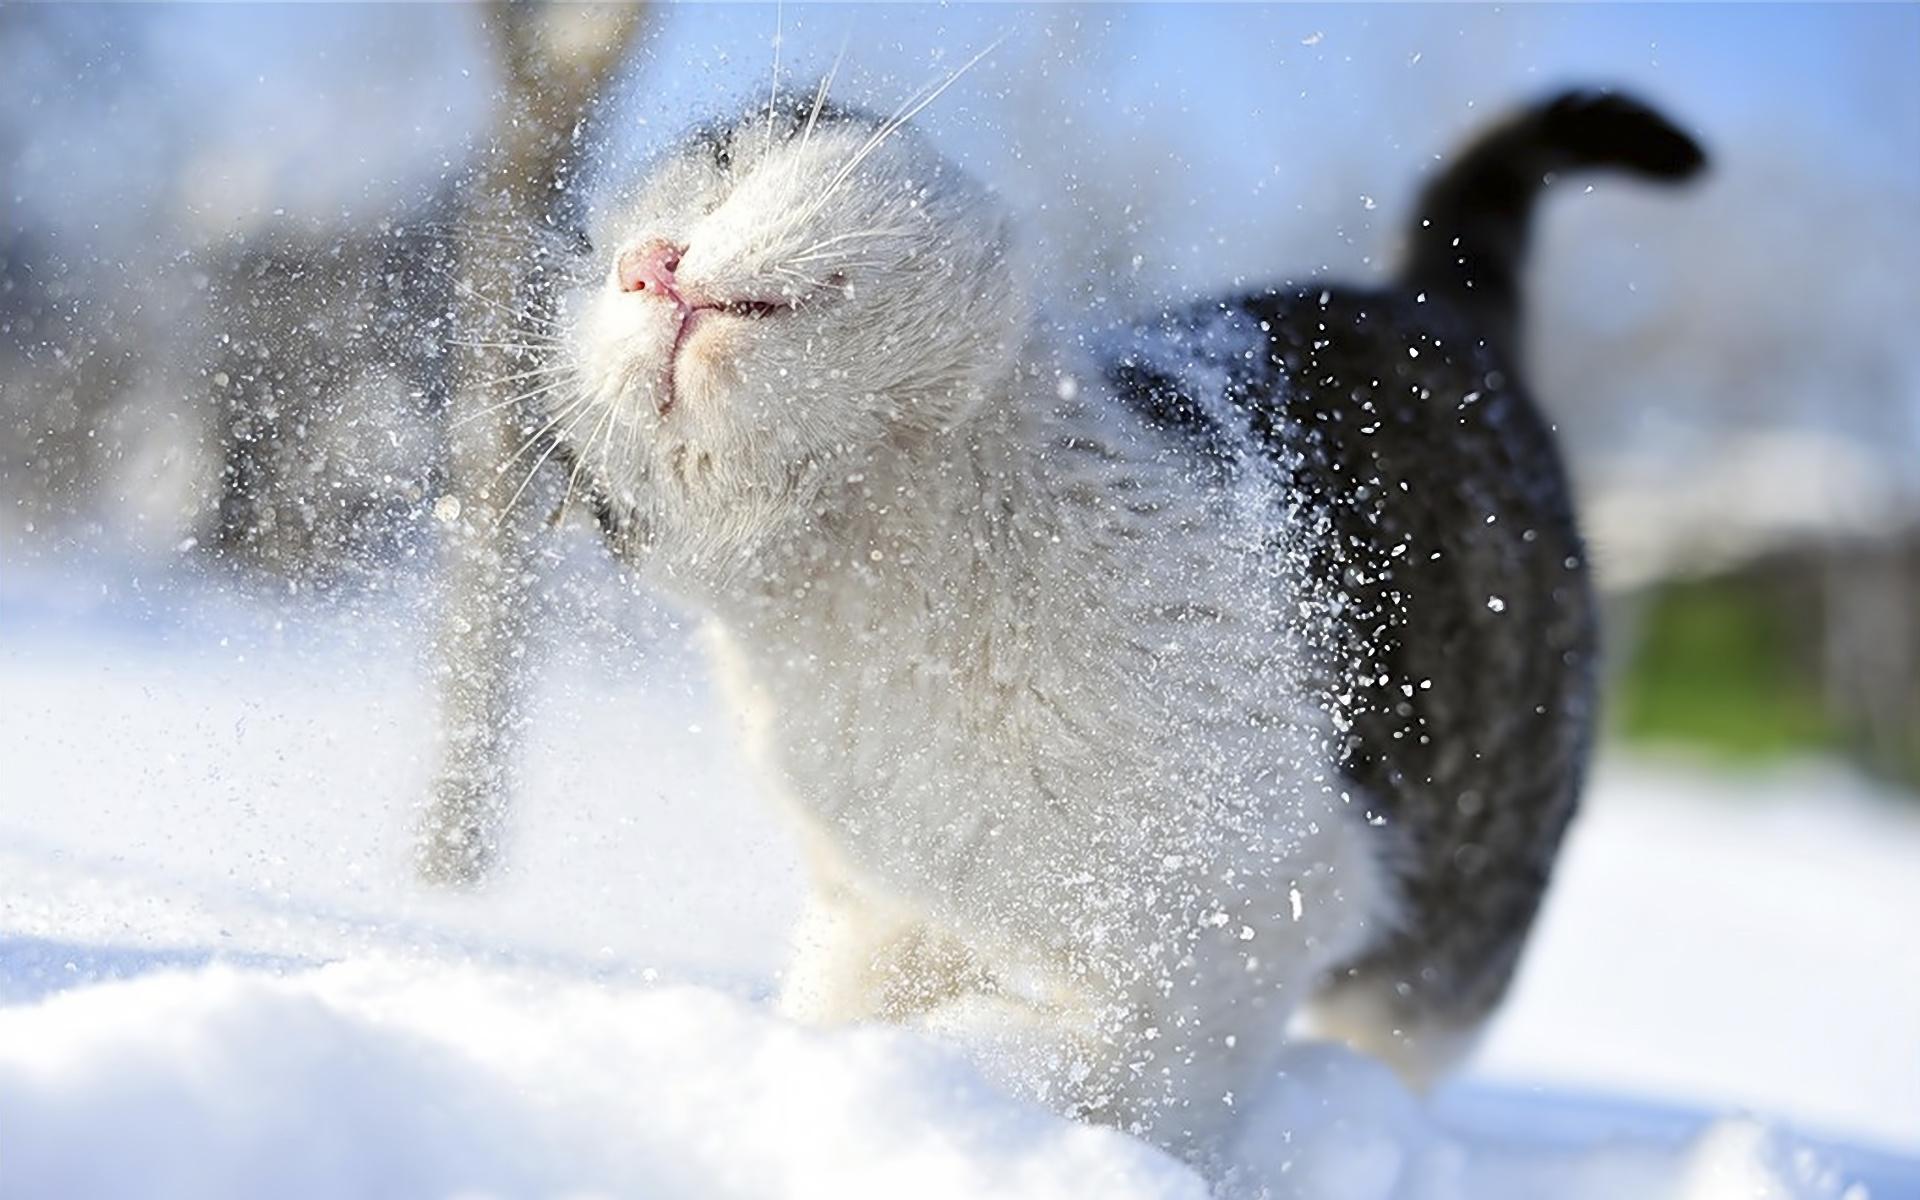 Tiere - Katze  Hintergrundbild